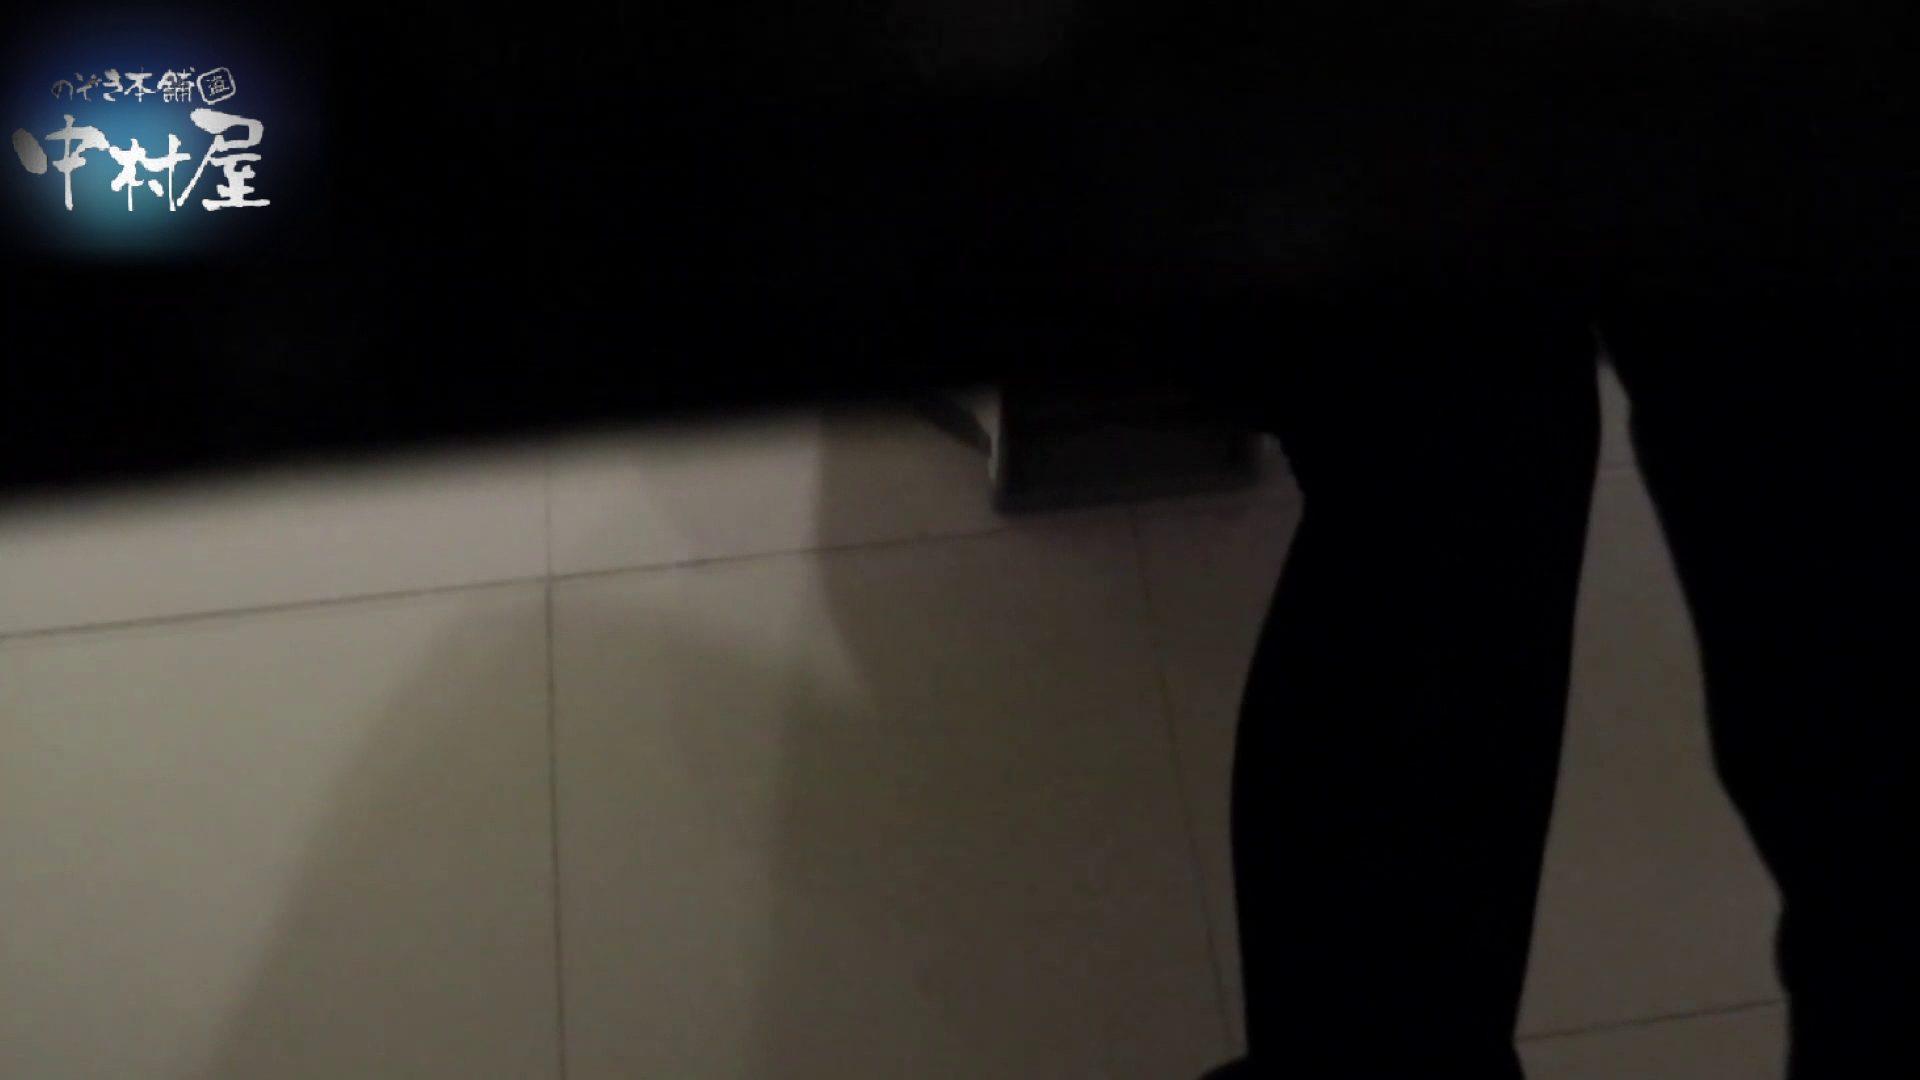 乙女集まる!ショッピングモール潜入撮vol.05 丸見え   和式  72pic 42